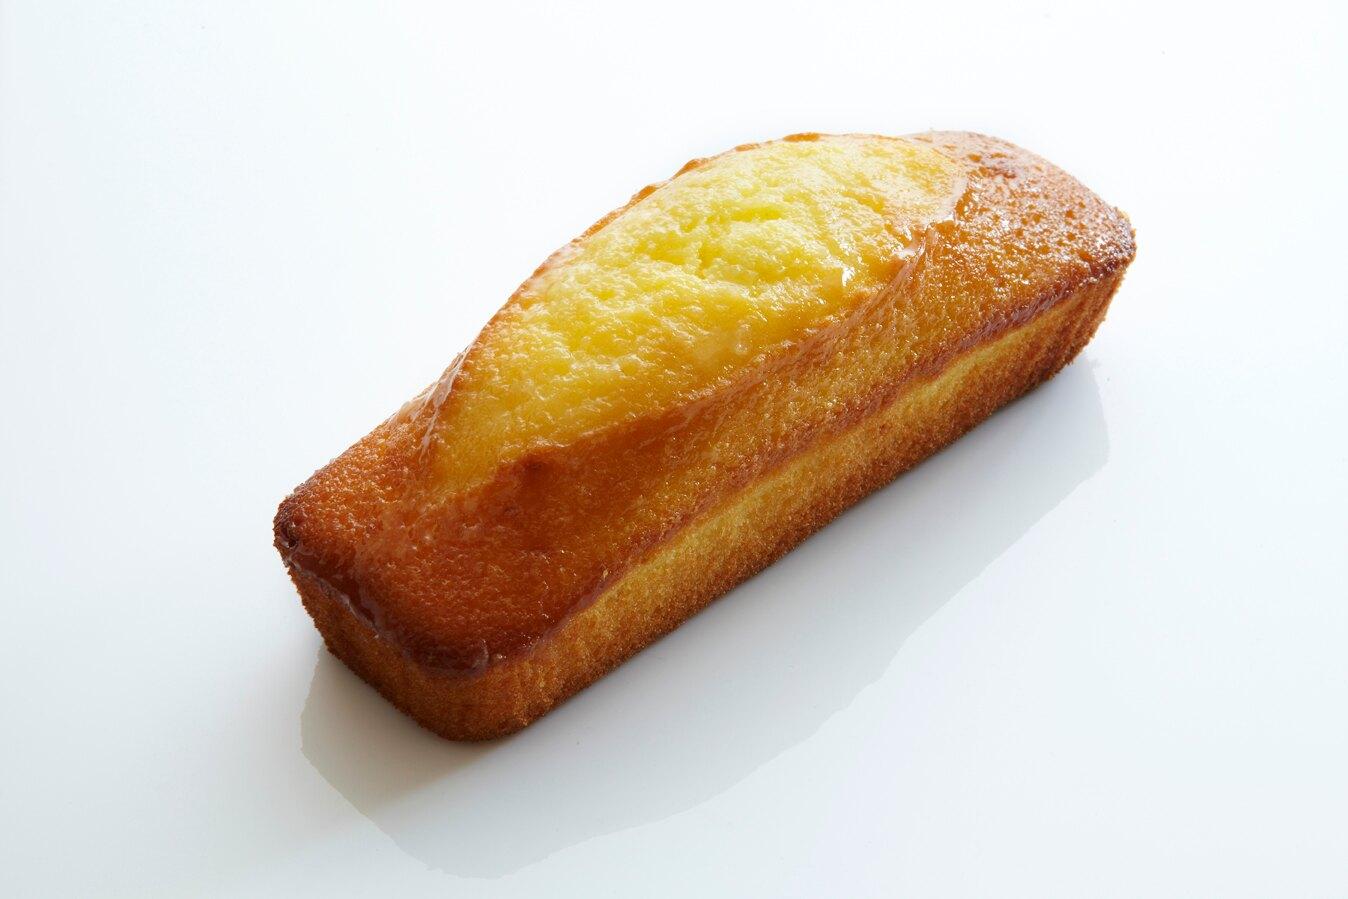 哈肯舖【檸檬樹磅蛋糕】檸檬蛋糕 磅蛋糕 檸檬口味